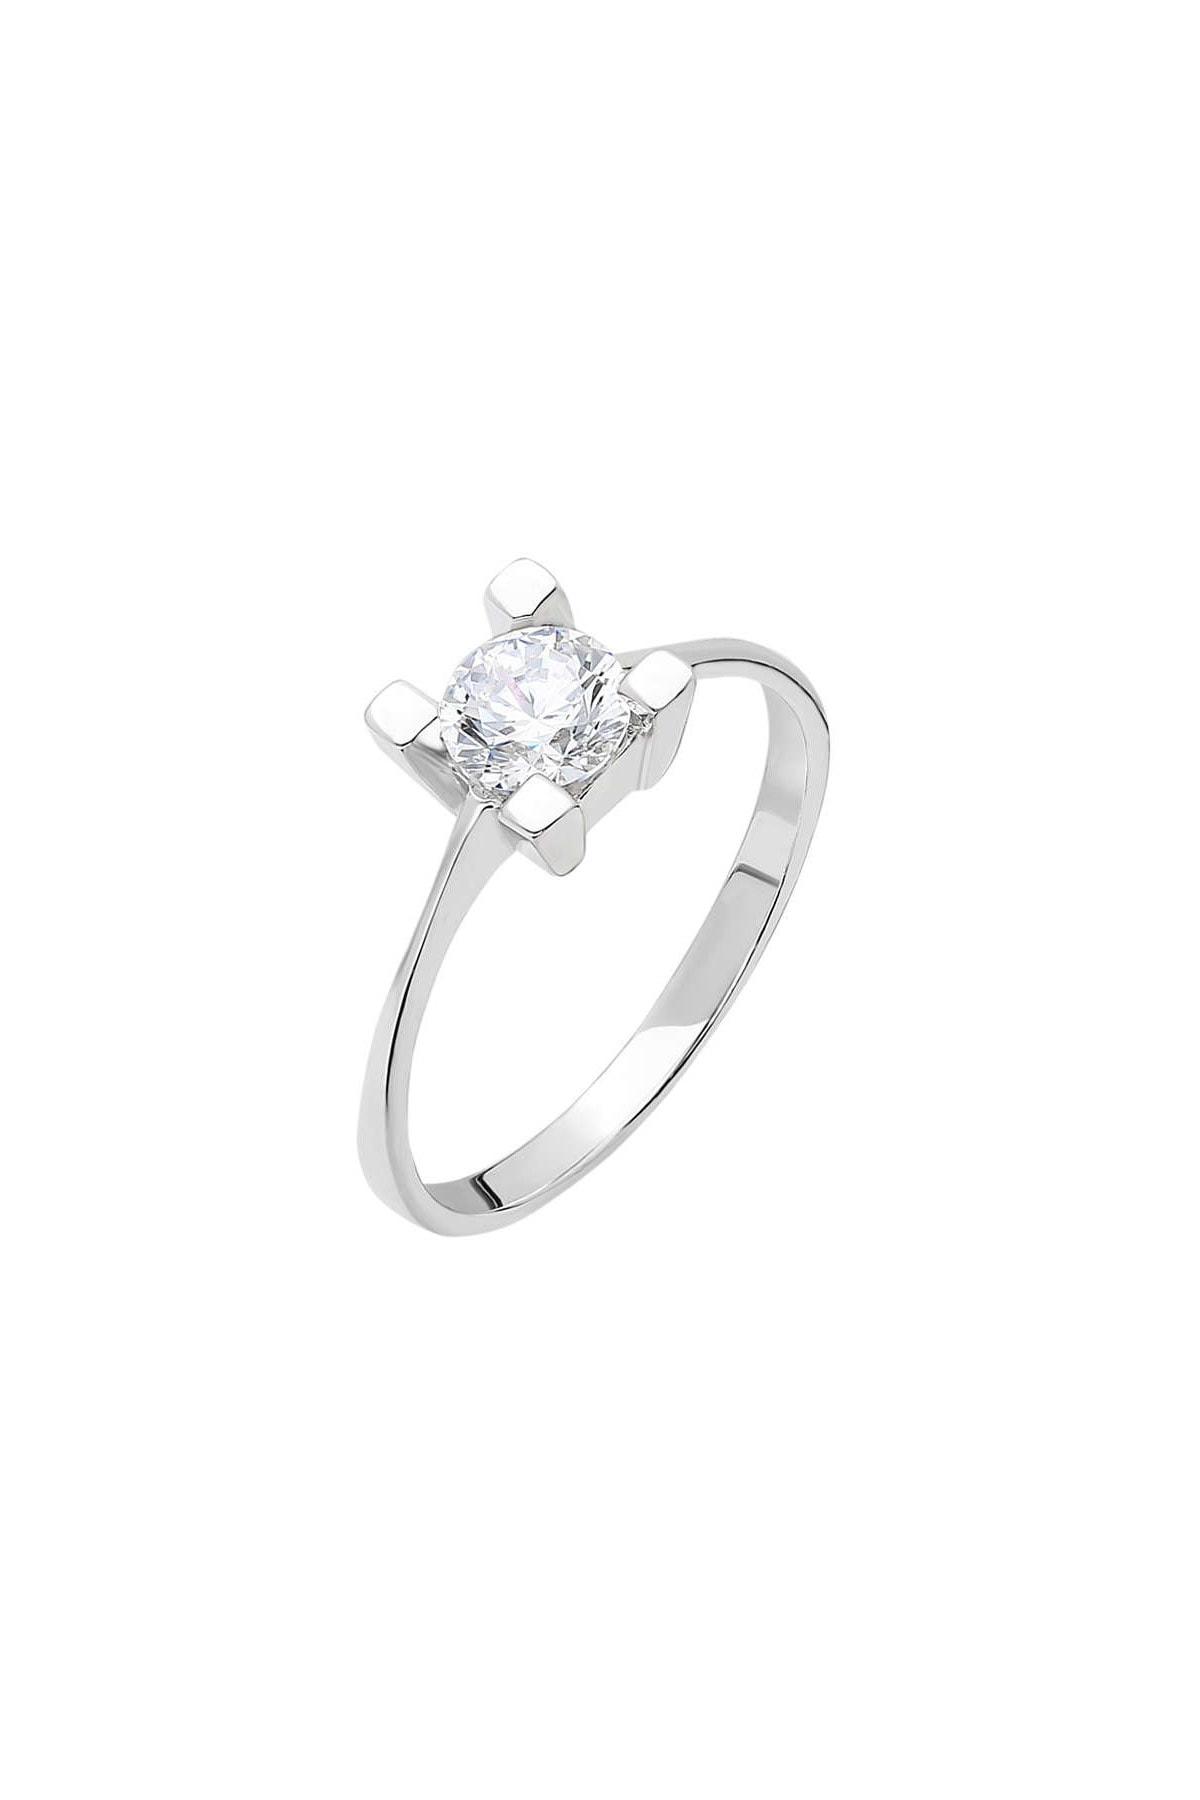 Tesbihane Starlight Diamond Pırlanta Montür Kare Tasarım 925 Ayar Gümüş Bayan Tektaş Yüzük 102001785 3